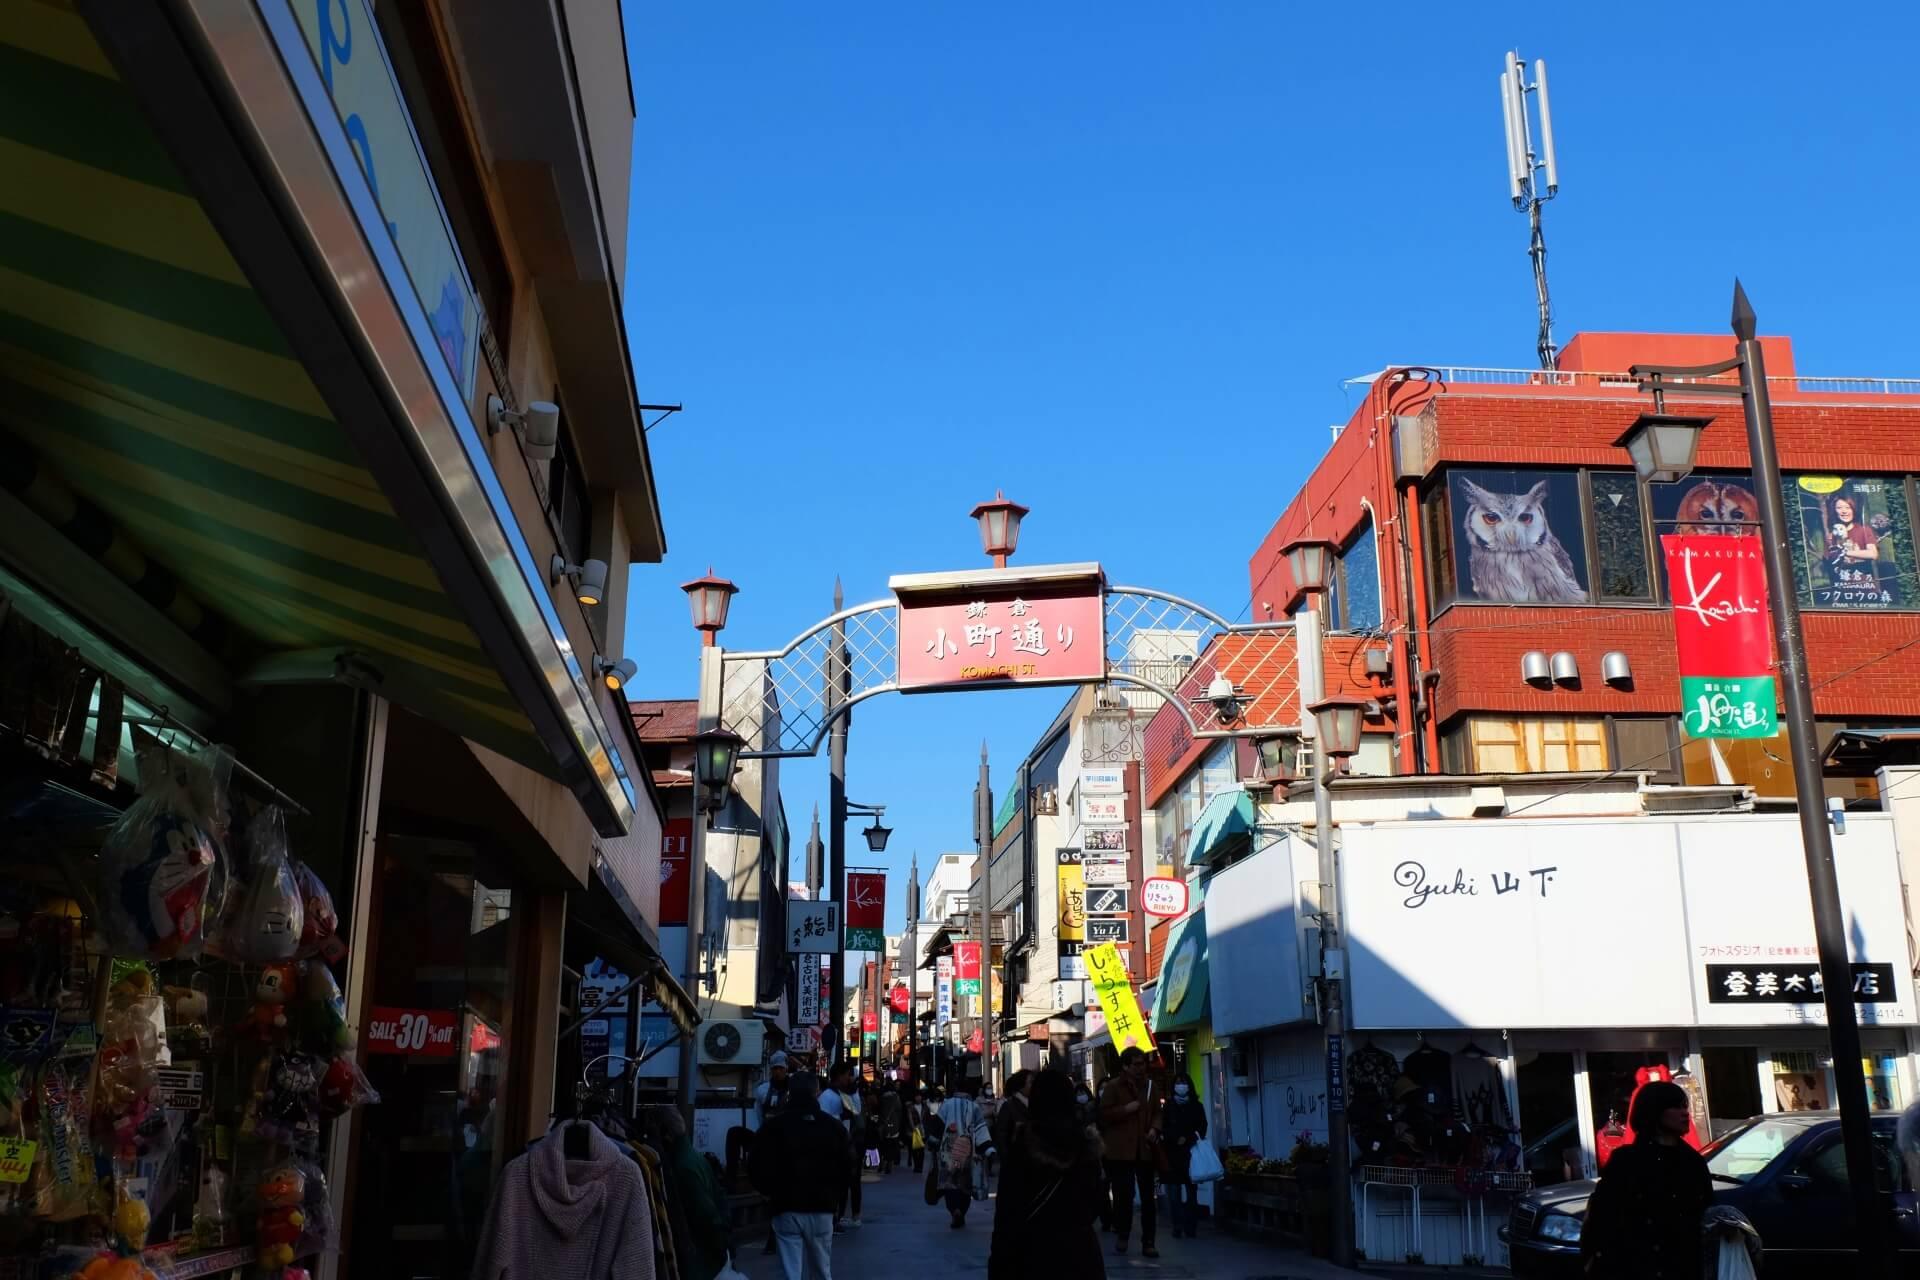 【鎌倉小町通り】4月1日からの食べ歩き自粛条例の施行で観光客が減ってしまうかも...